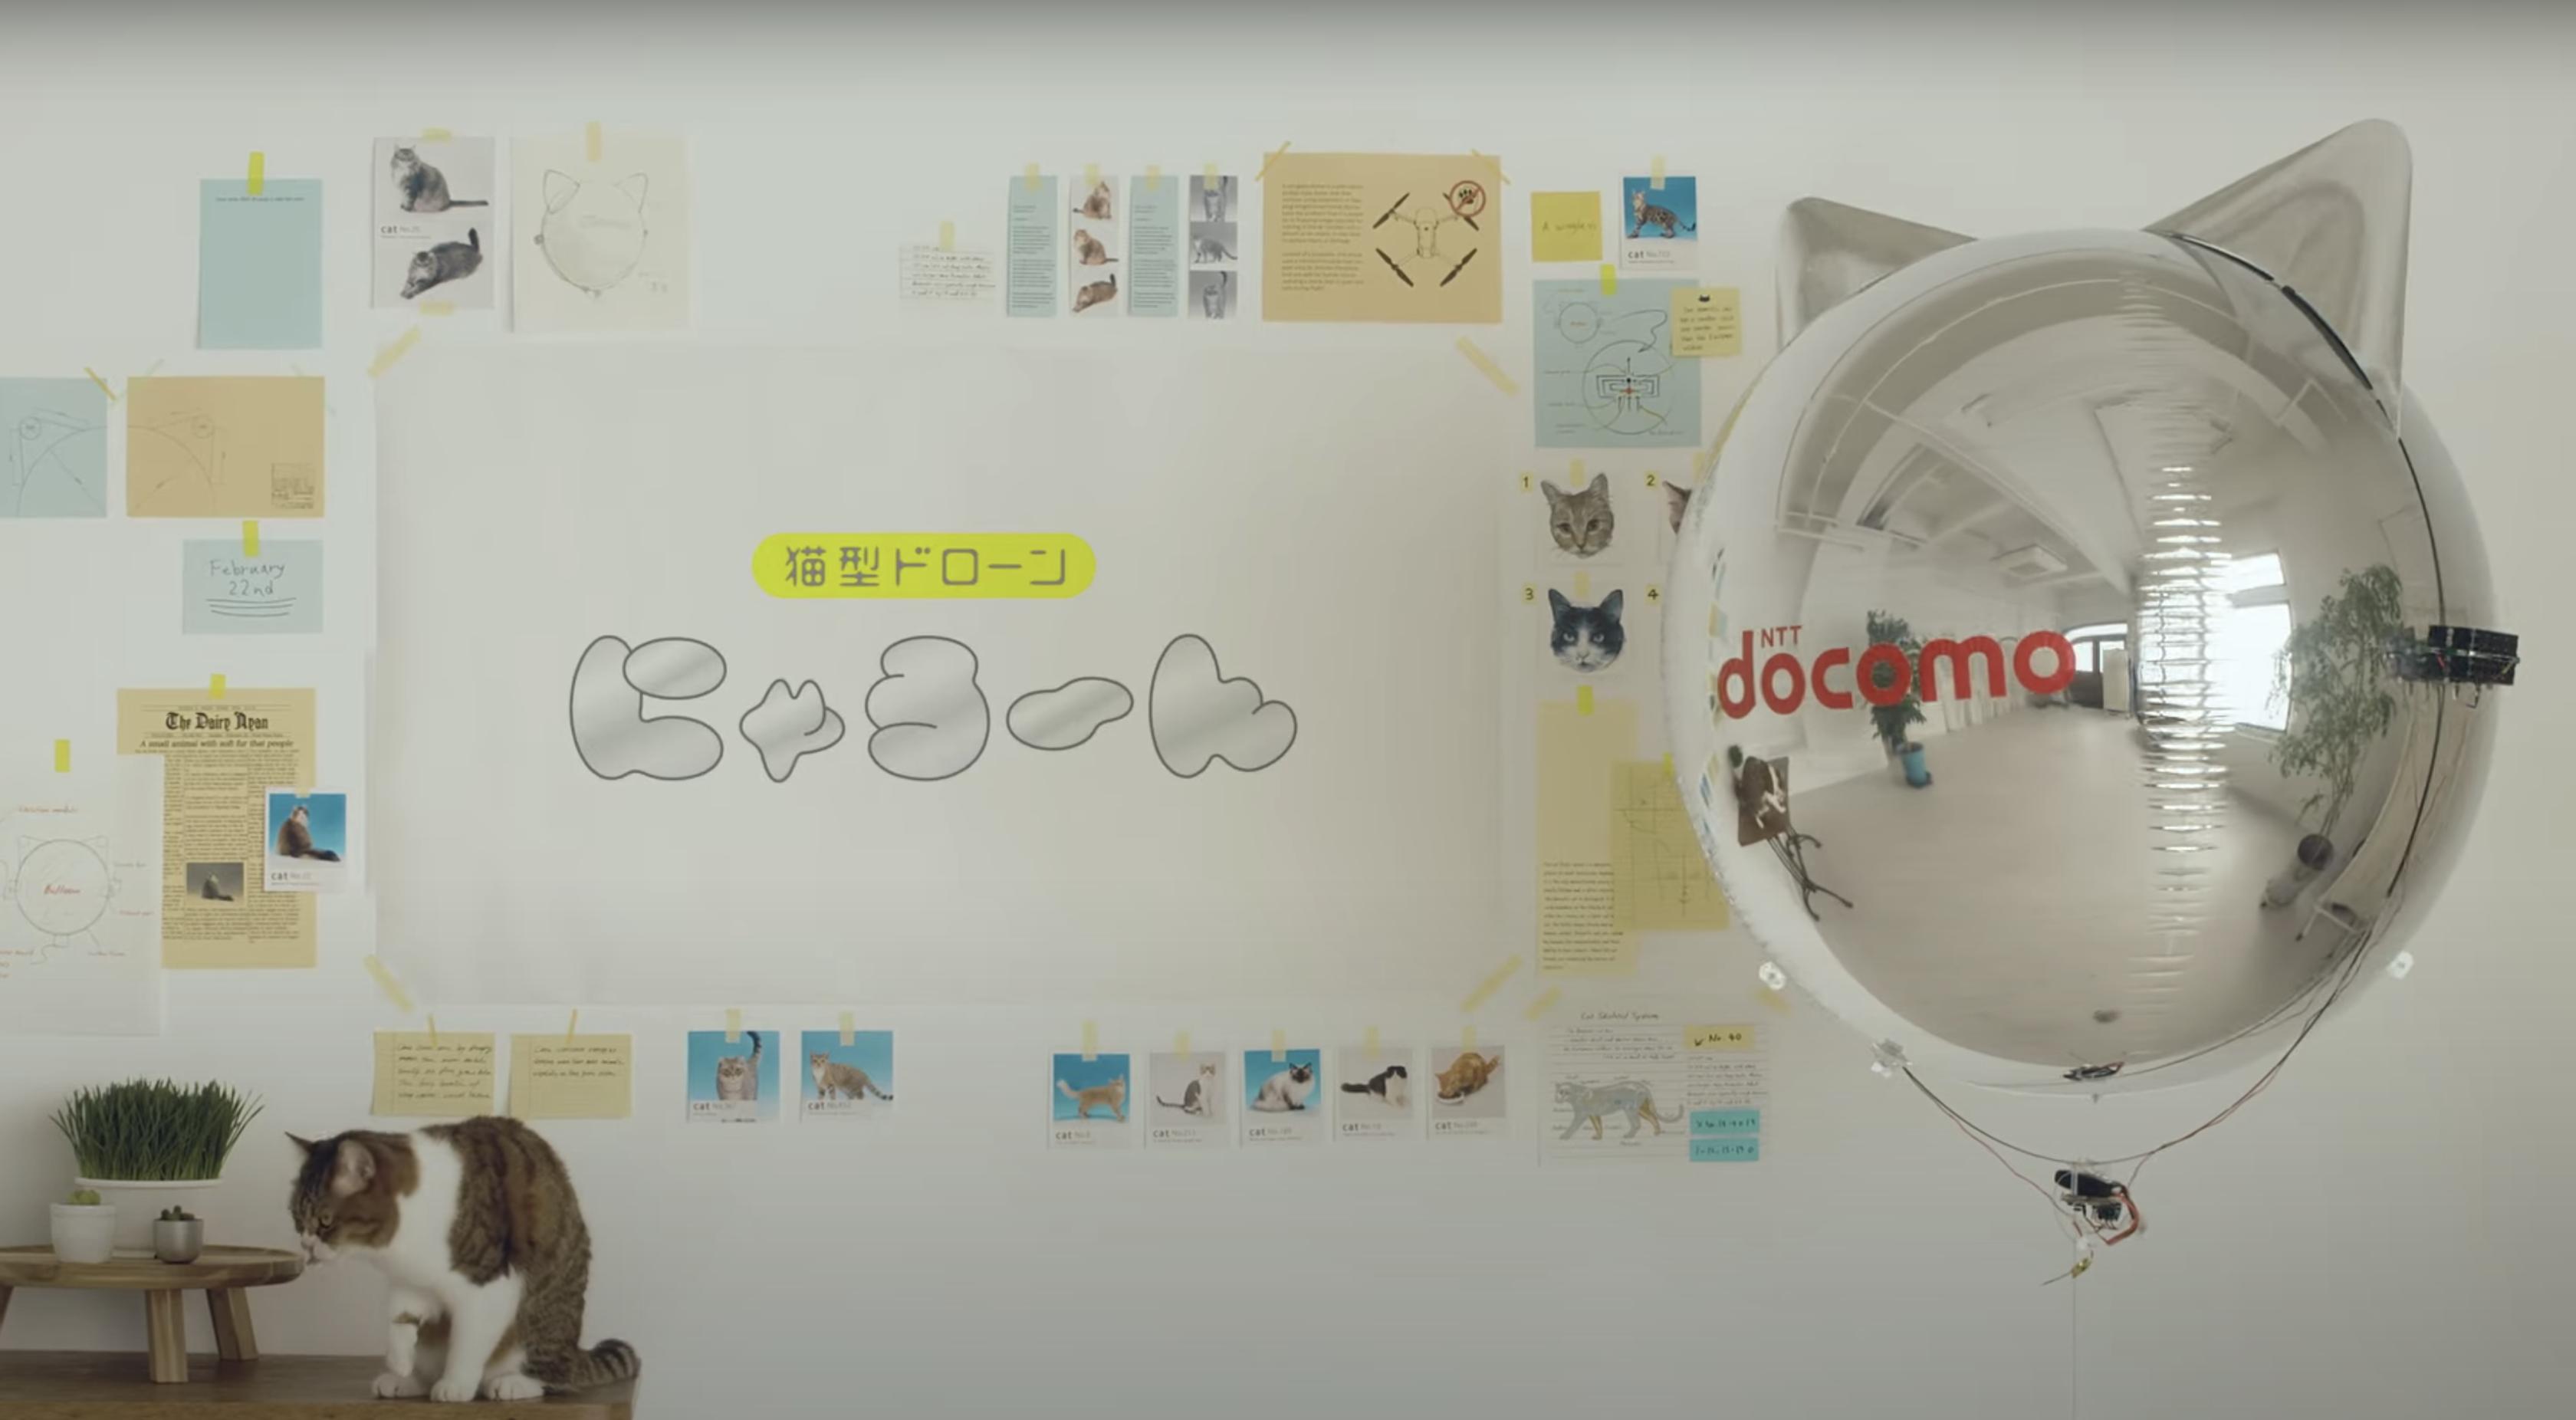 貓咪造型! NTT Docomo 推改款室內氣球無人機 可綁毛球逗貓